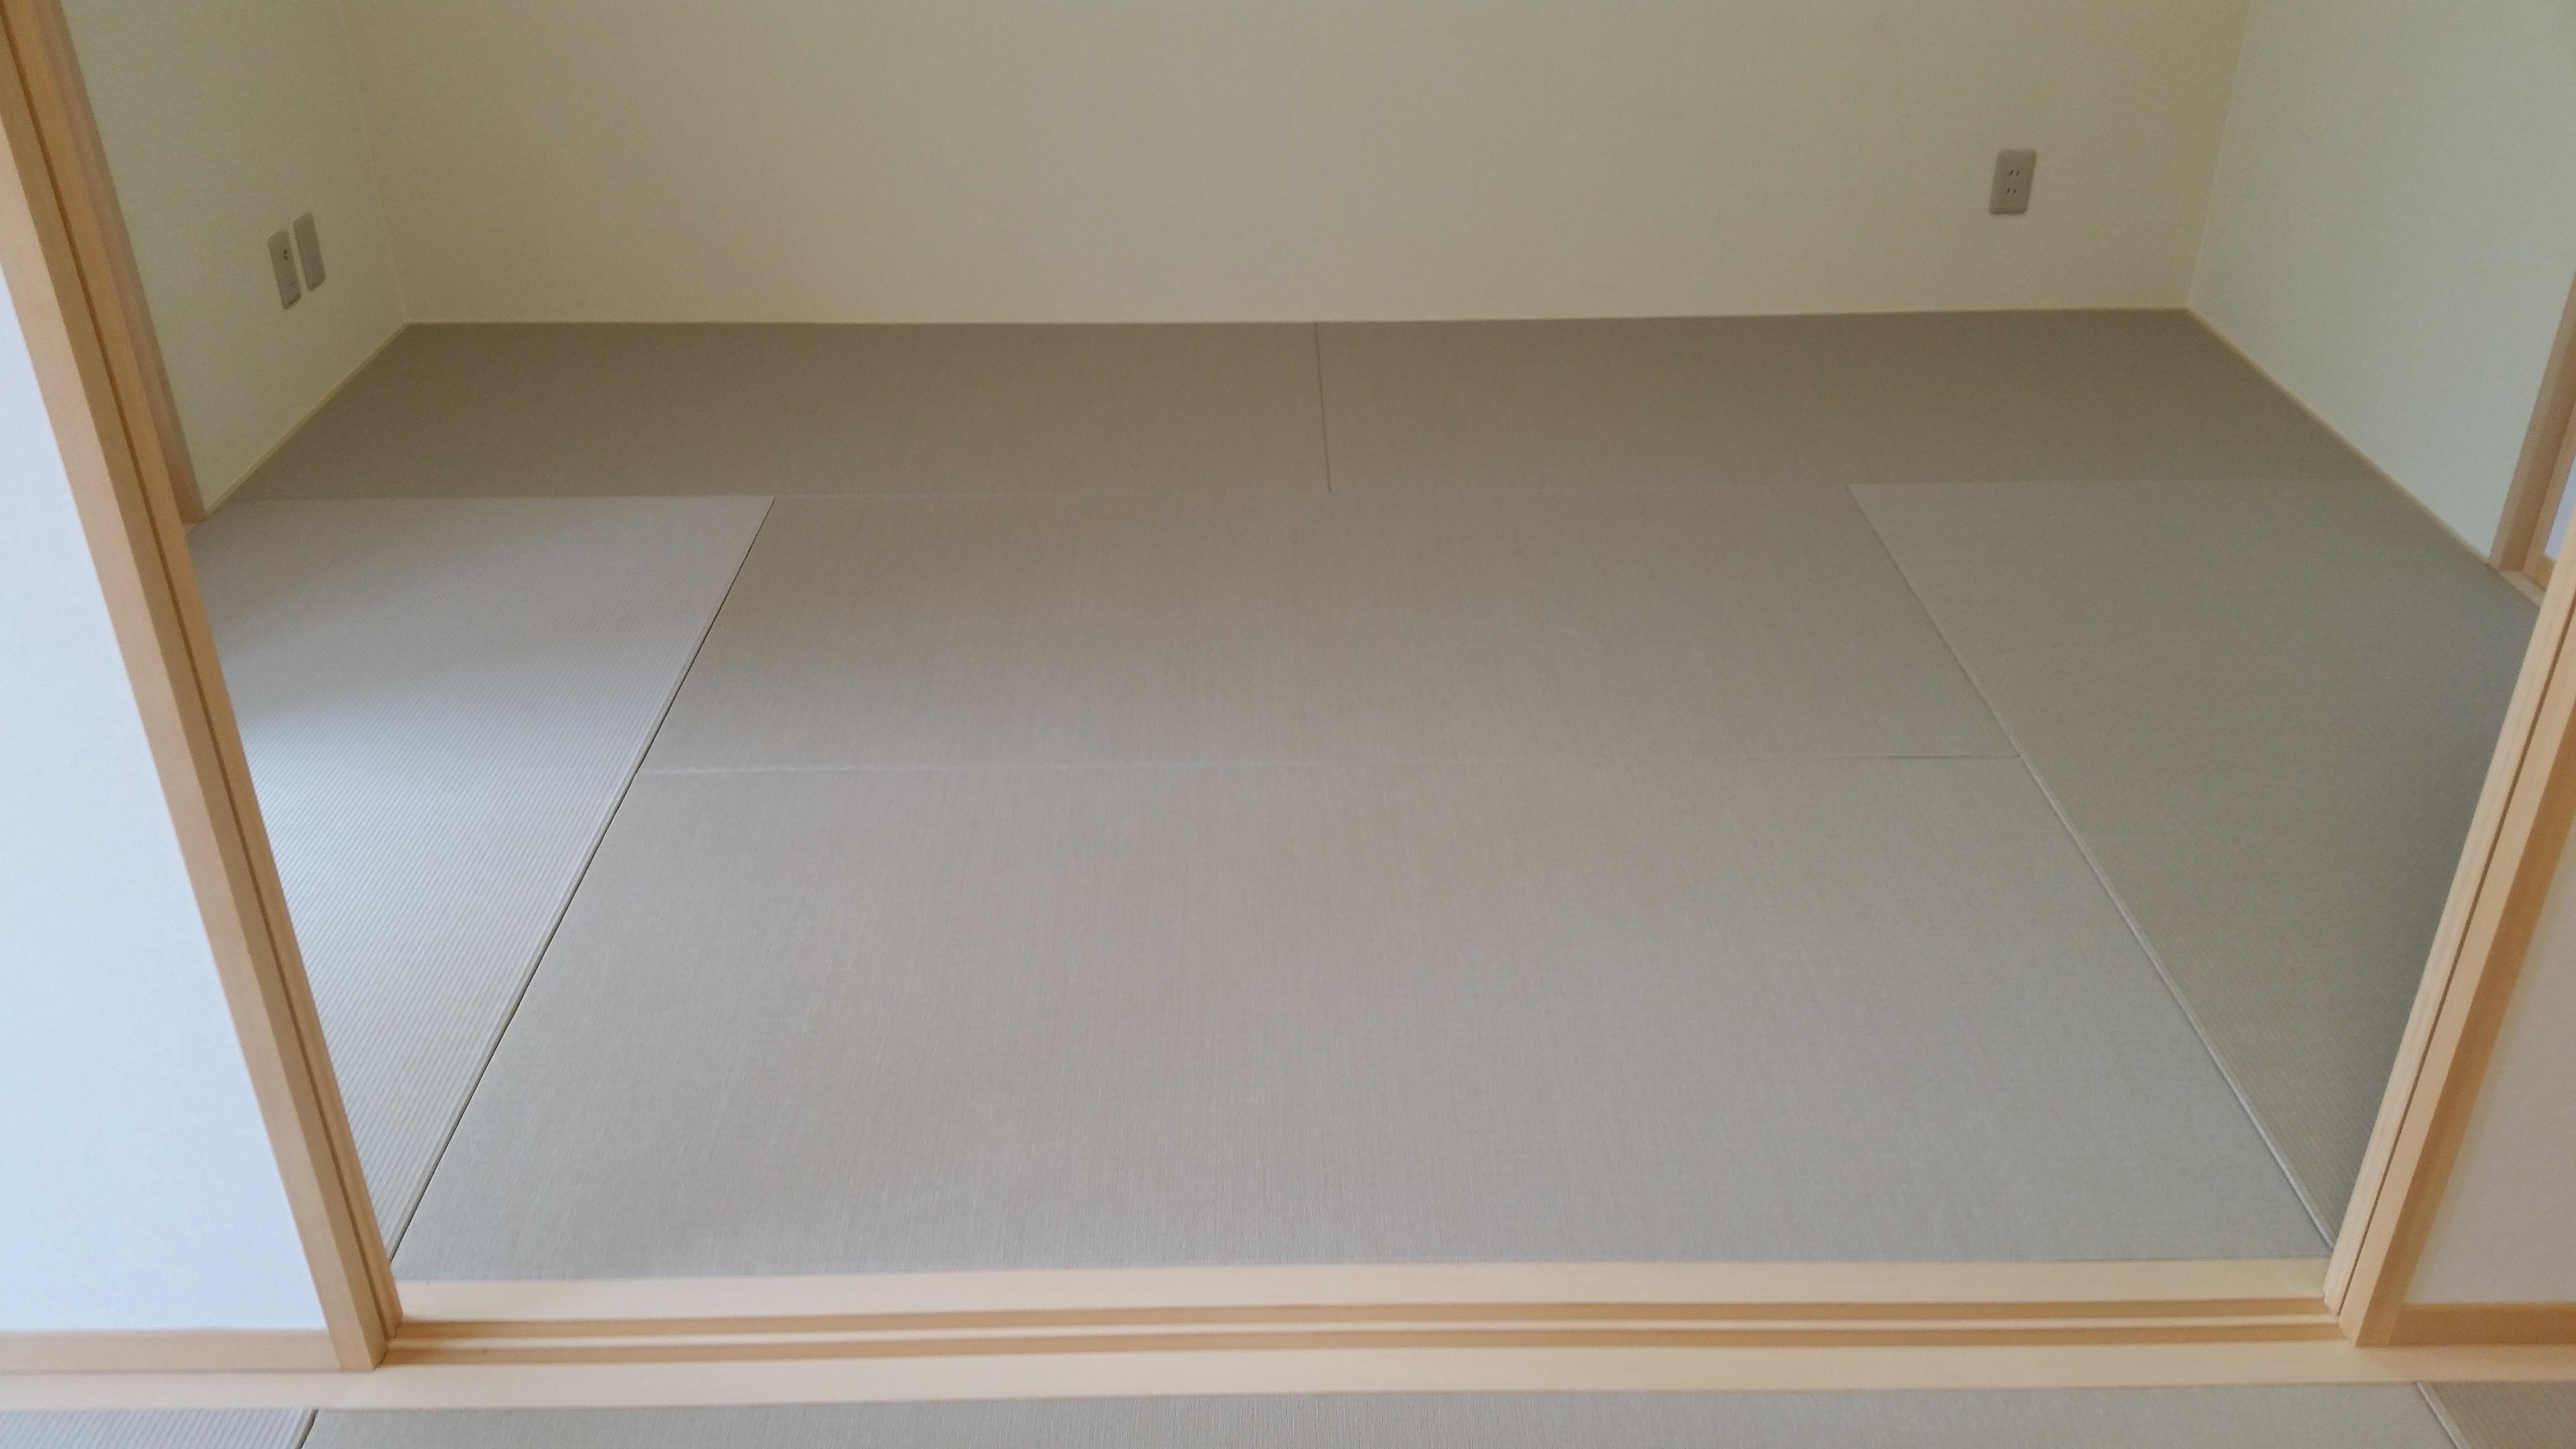 湯沢町のマンションの畳・襖・障子・クロス・カーペット工事は当店へお任せください!